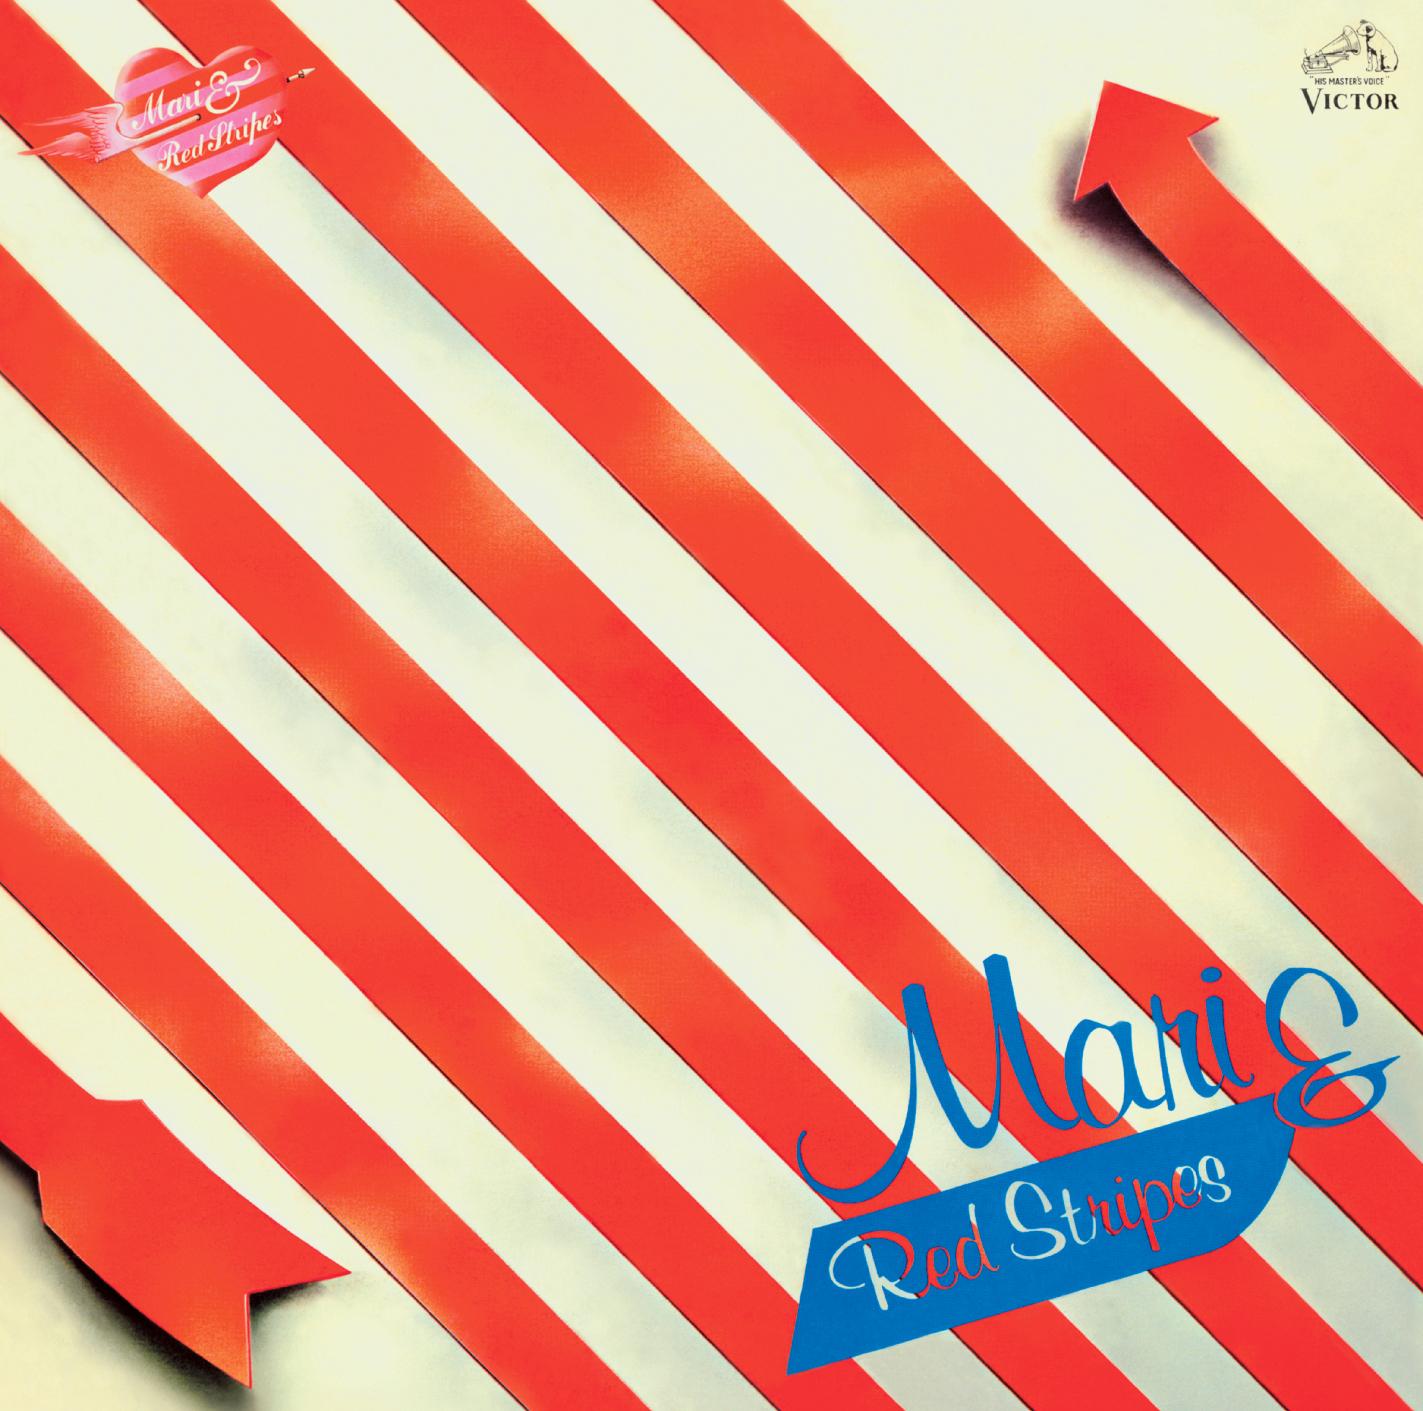 マスターピース・コレクション~CITY POP名作選『MARI & RED STRIPES+1/杉 真理』VICL-65520